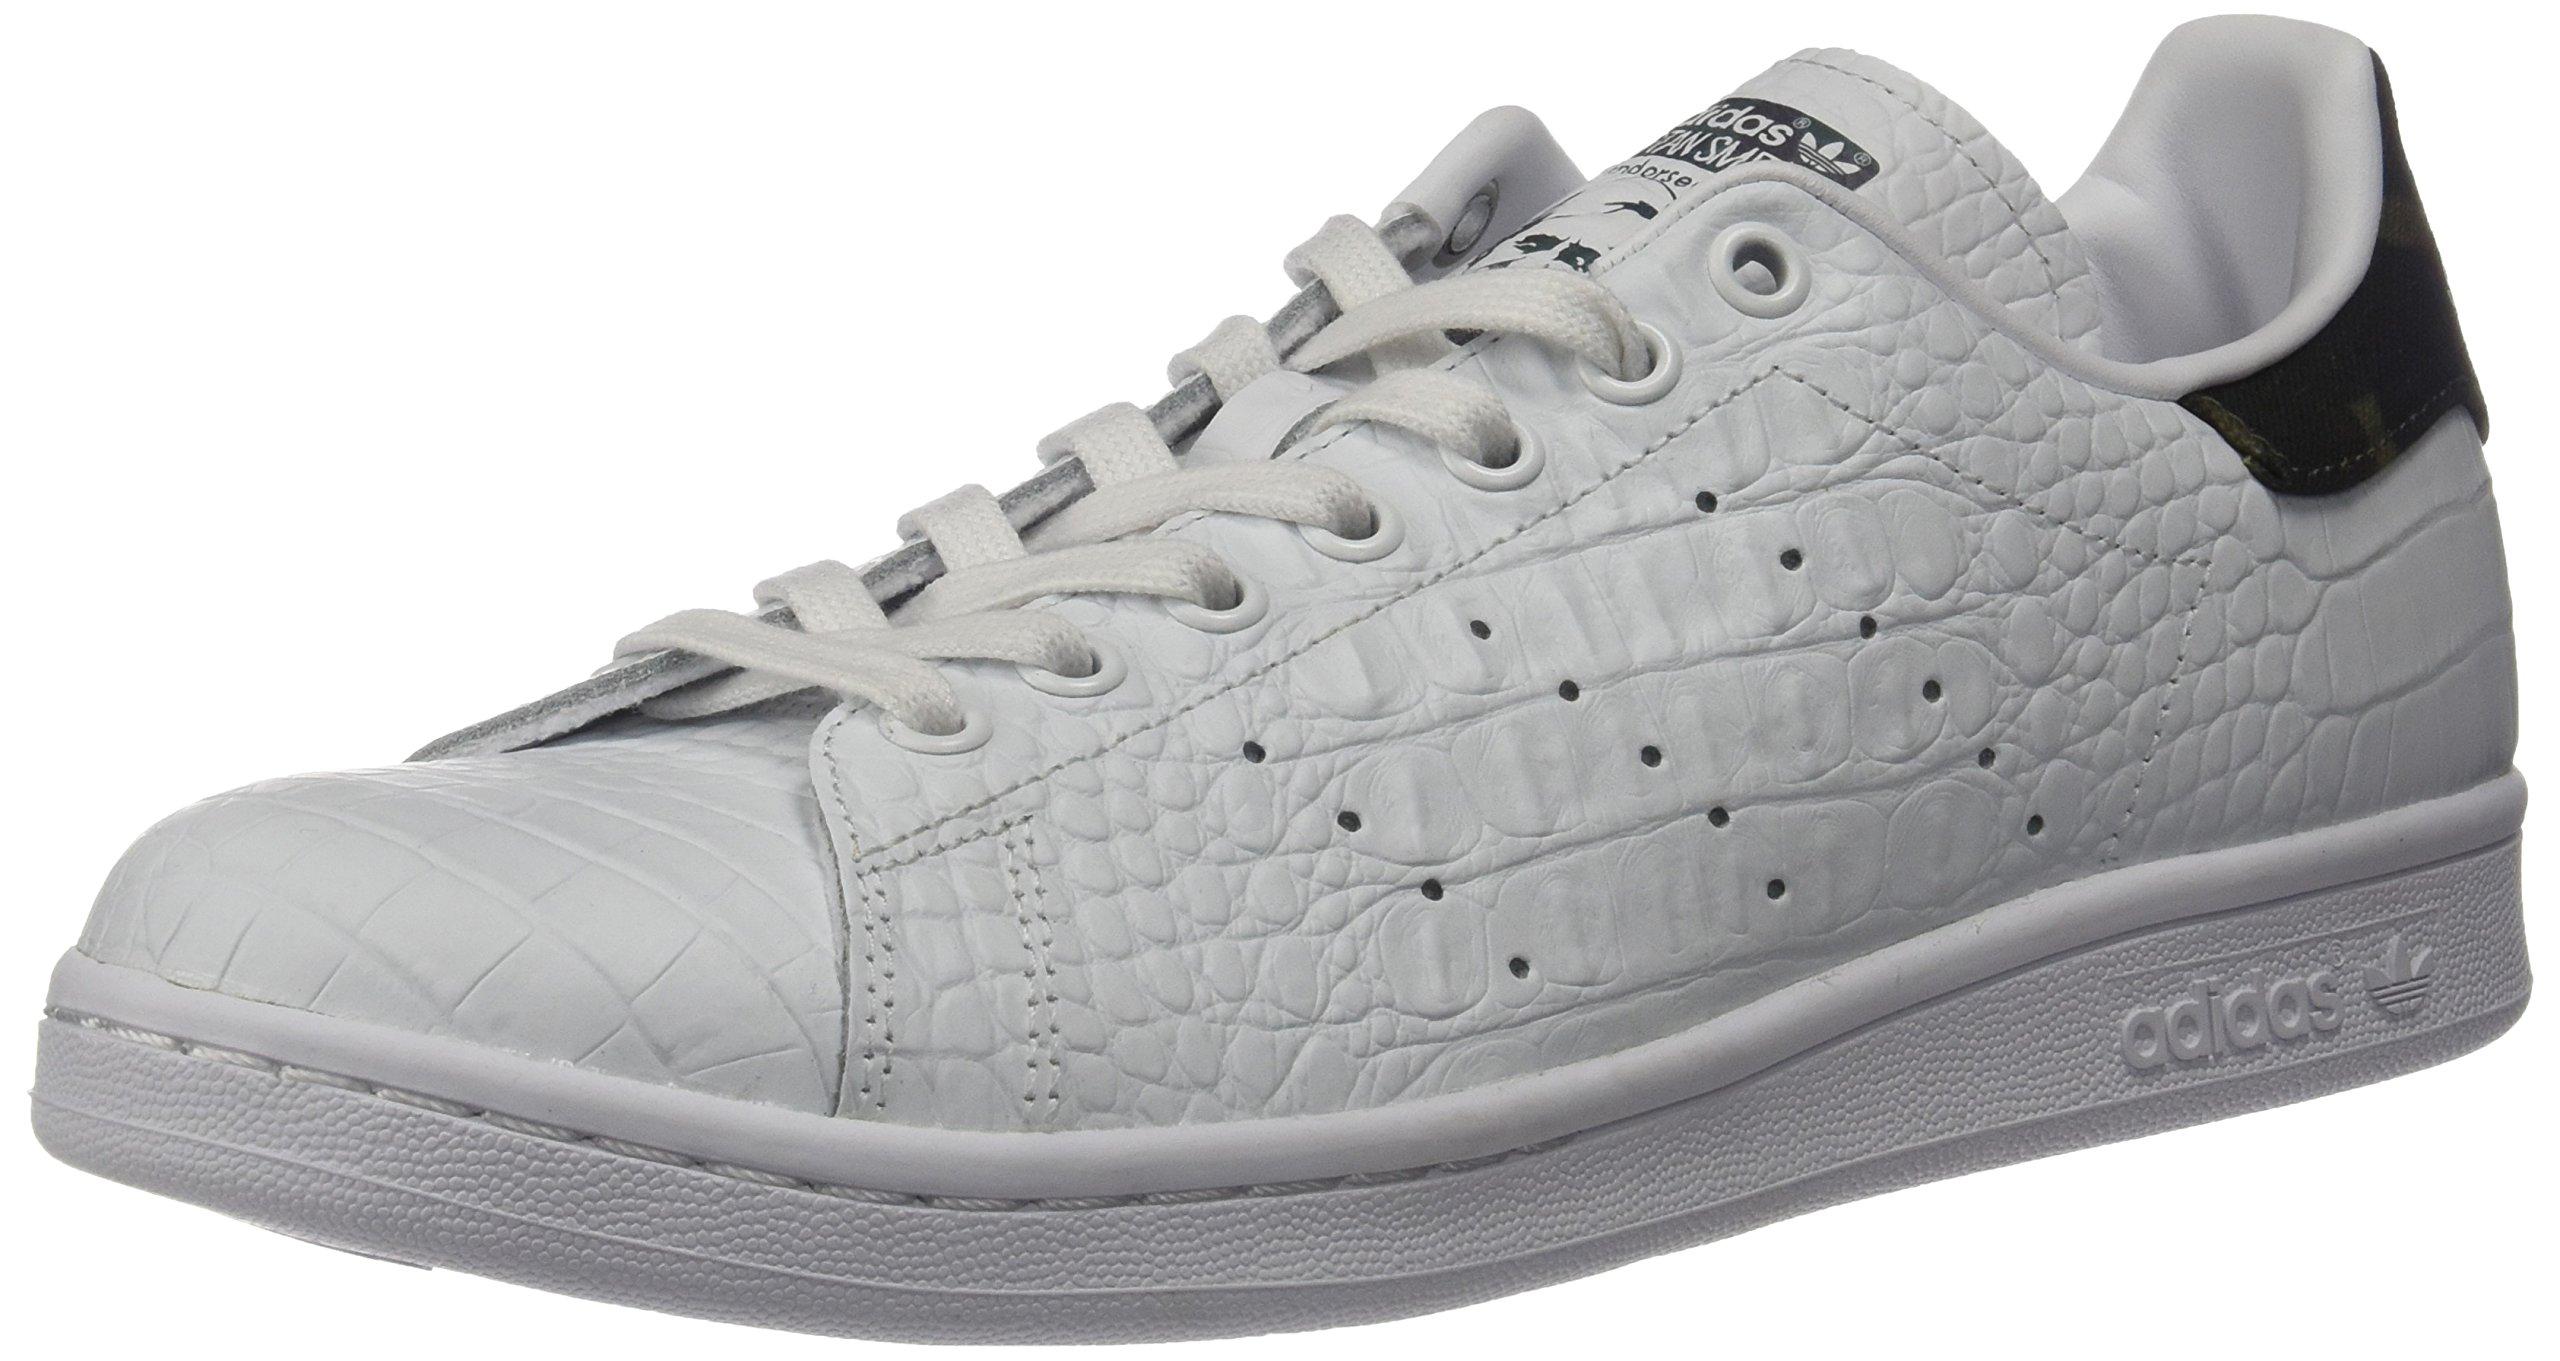 Galeone adidas originali uomini stan smith della scarpa, bianco